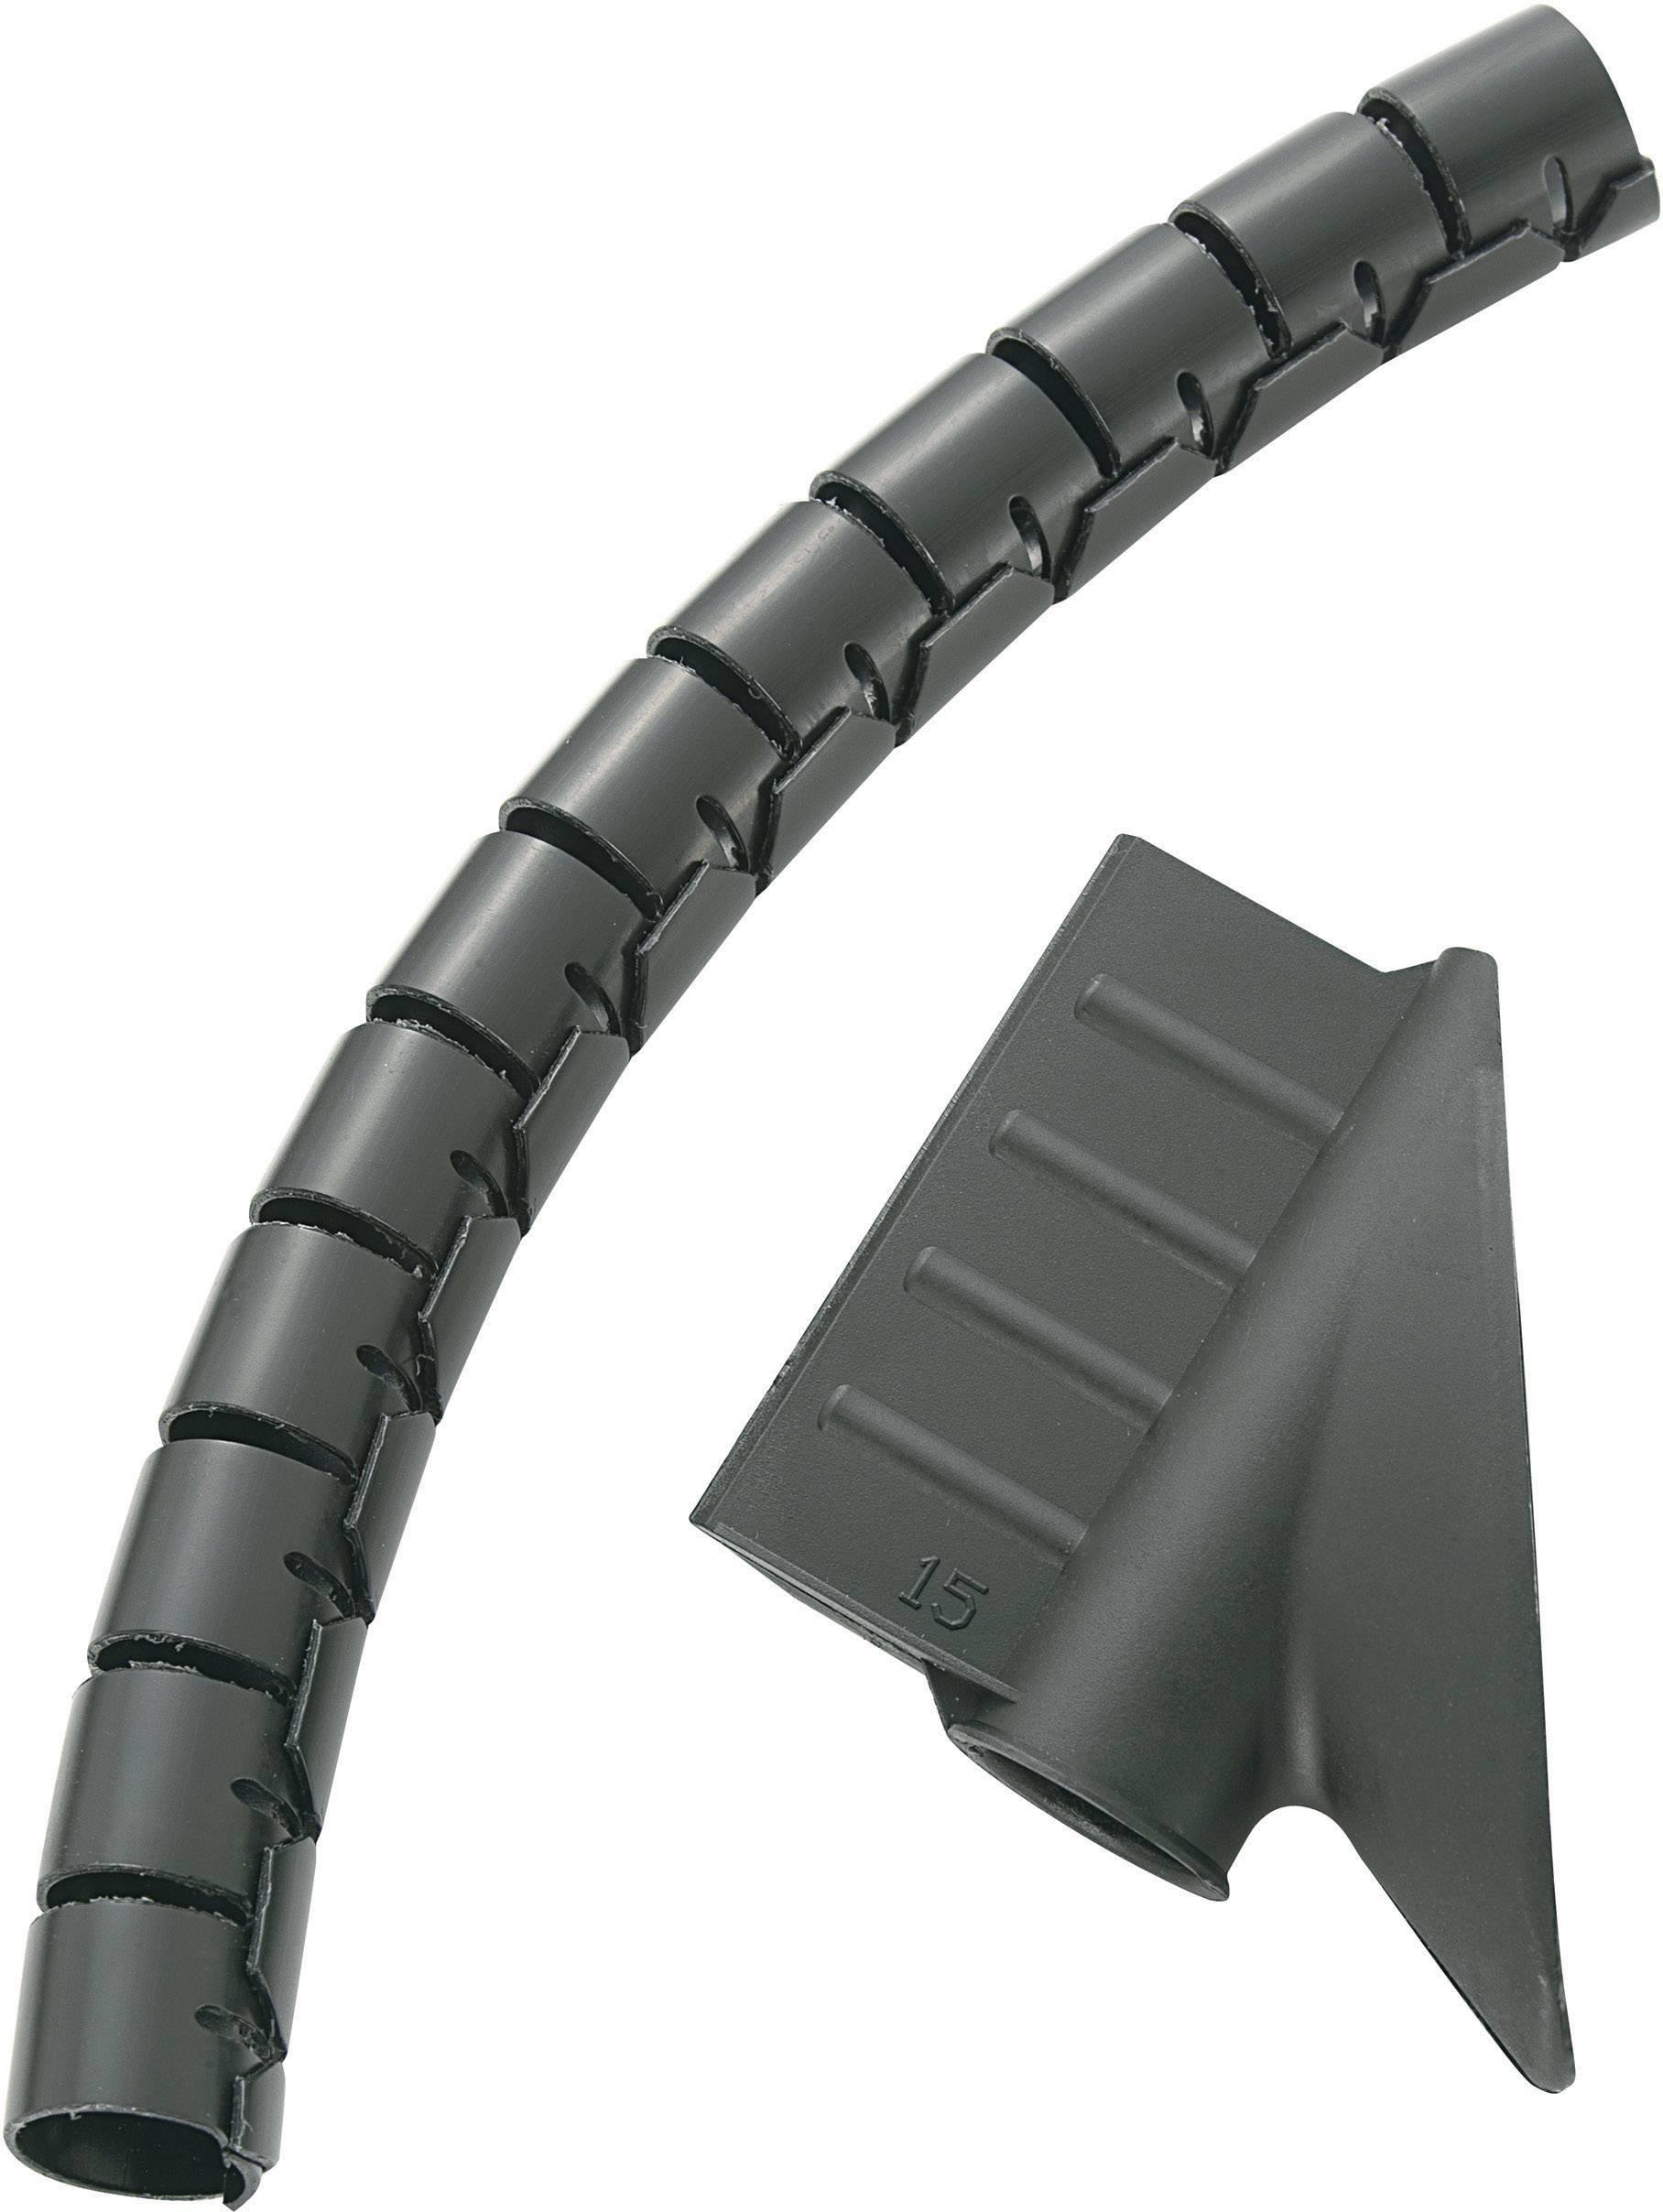 Káblový oplet KSS MX-KLT25BK, 25 mm (max), 5 m, čierna